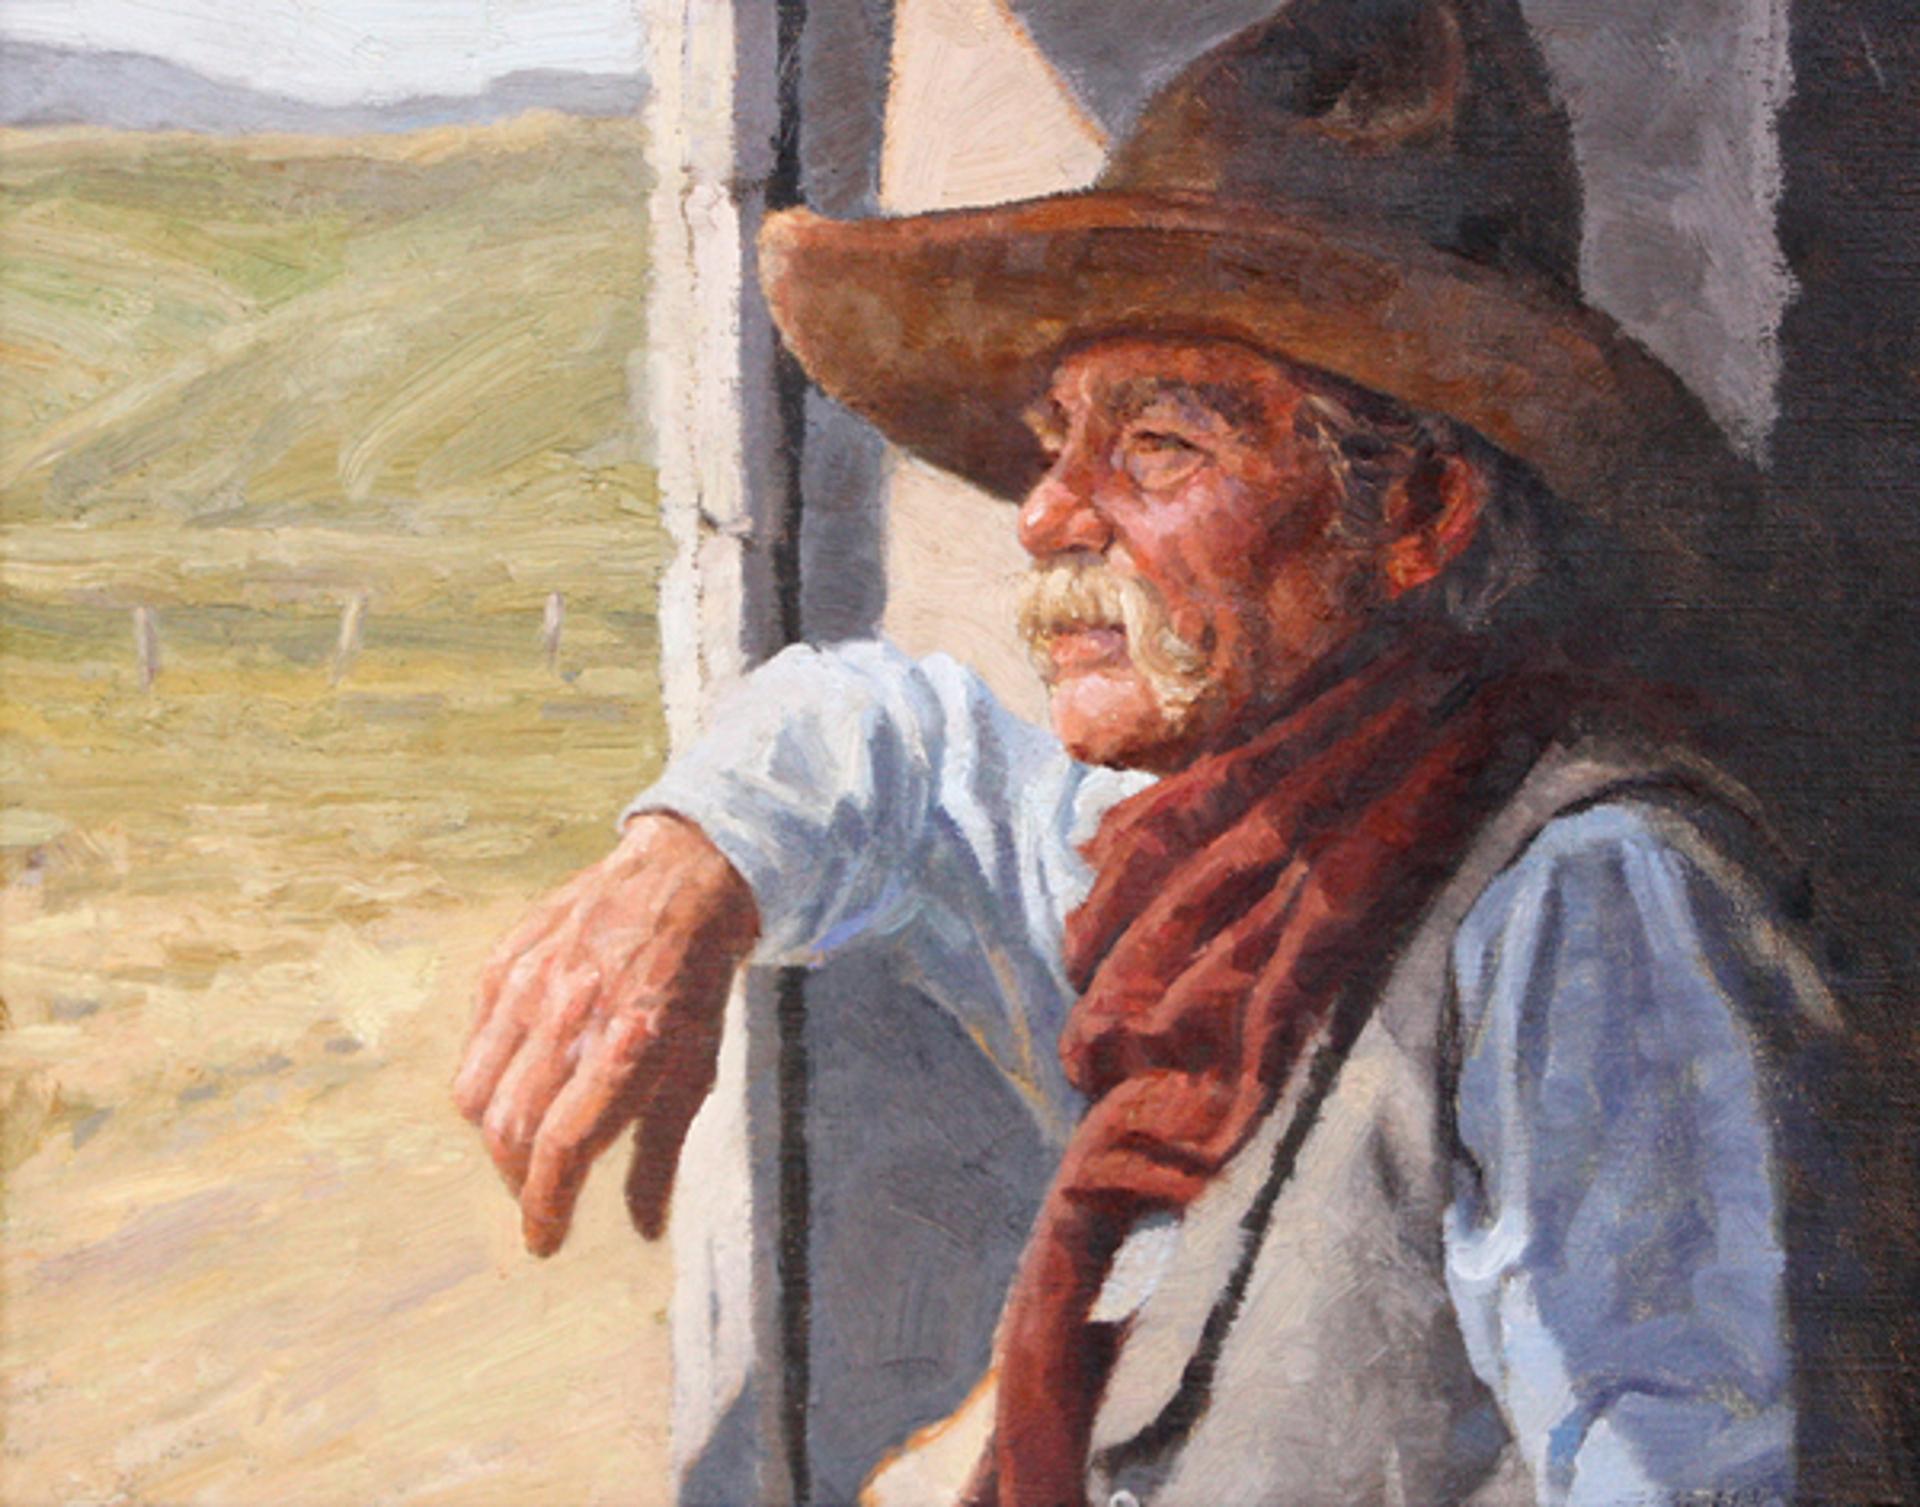 Dusty Ole Cowboy by Barry Eisenach